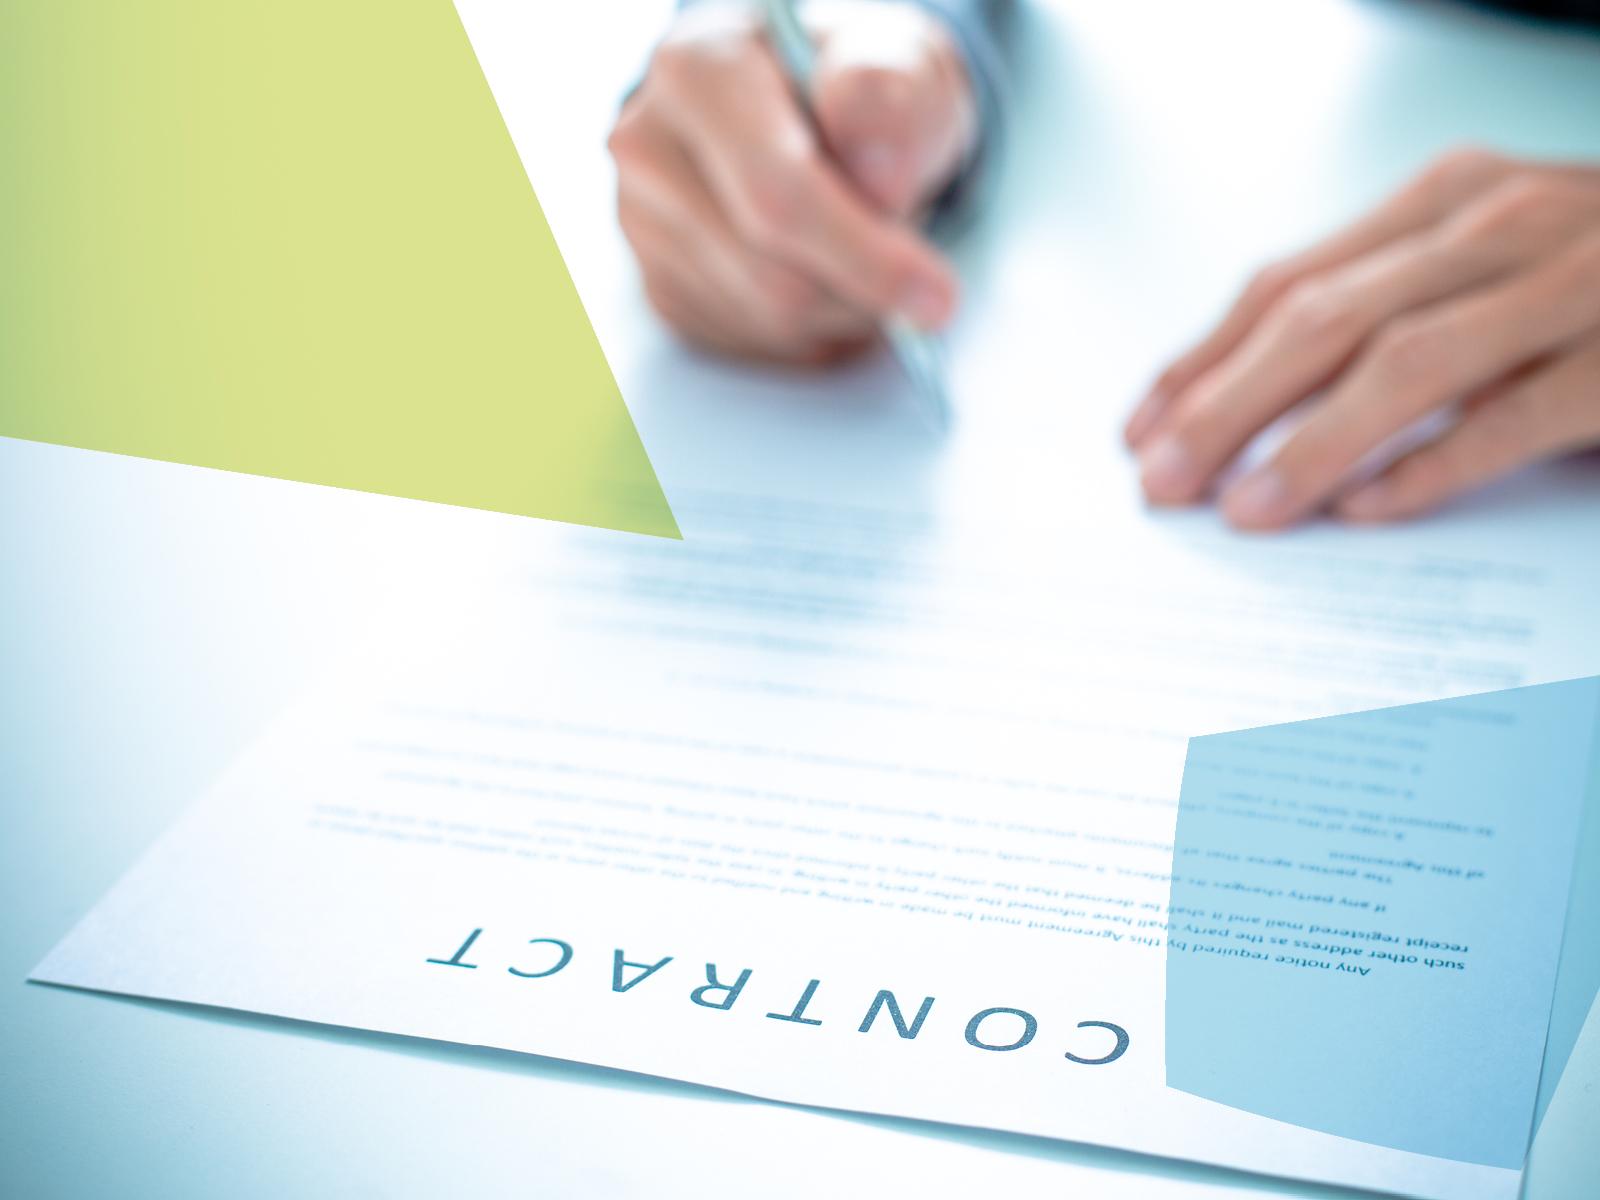 De Nieuwsbrief Arbeidsrecht van maart 2017 is verschenen.